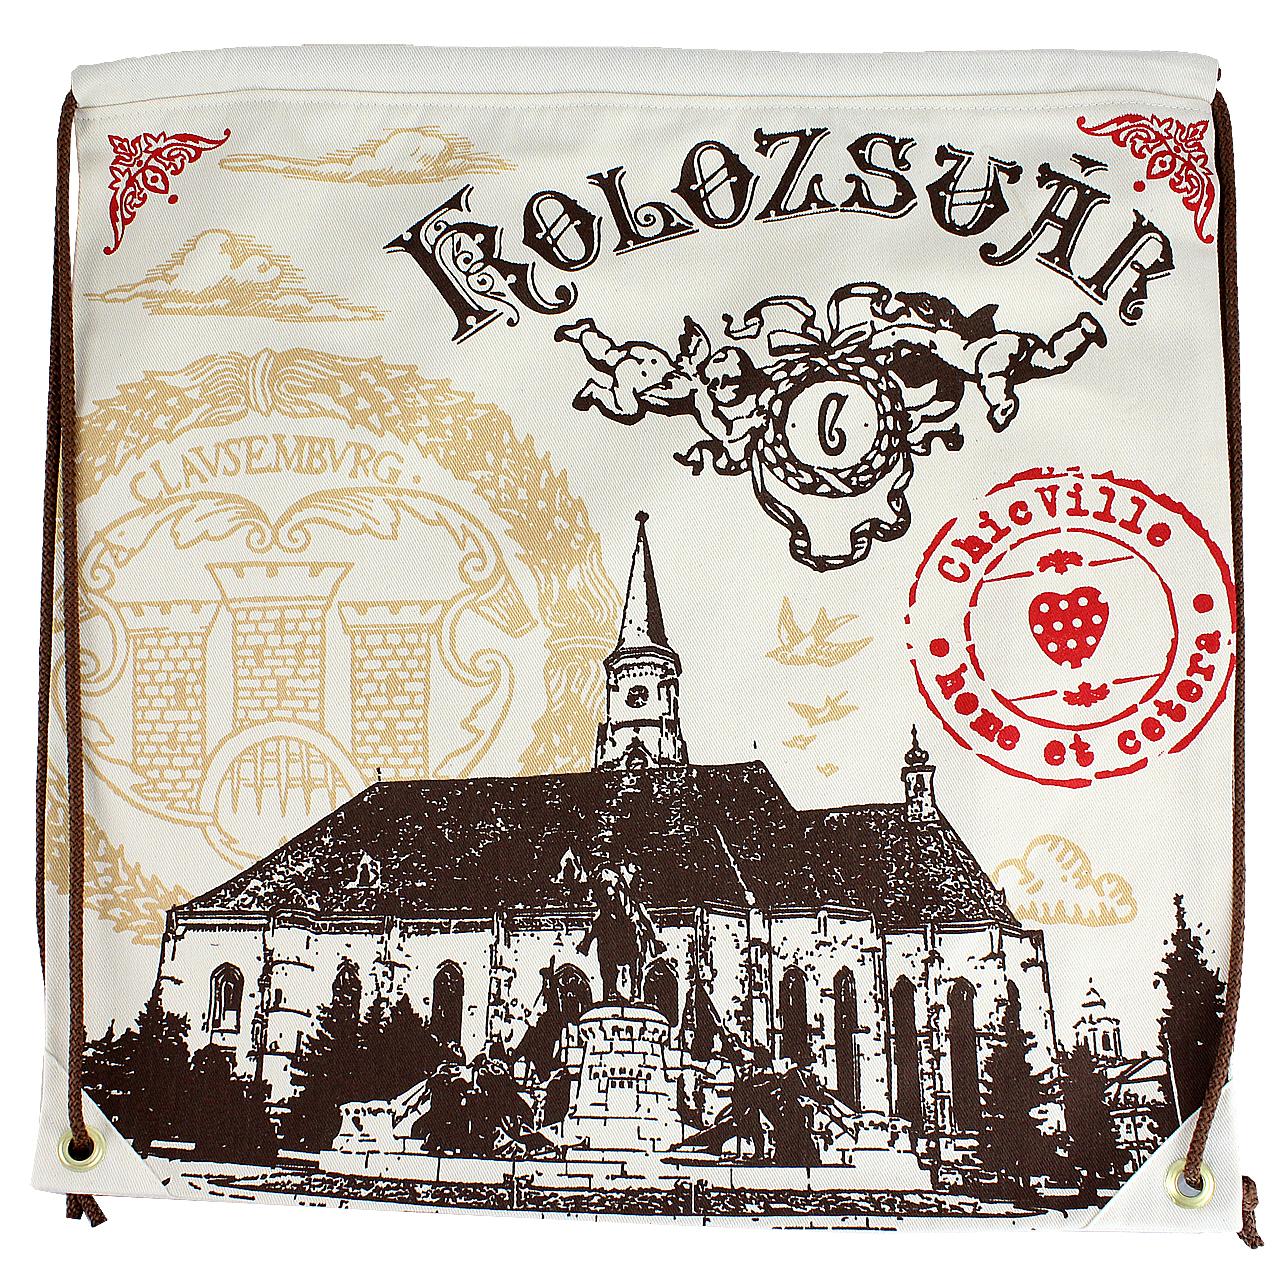 Rucsac cu imprimeu Biserica Sf. Mihail Kolozsvar chicville 2021